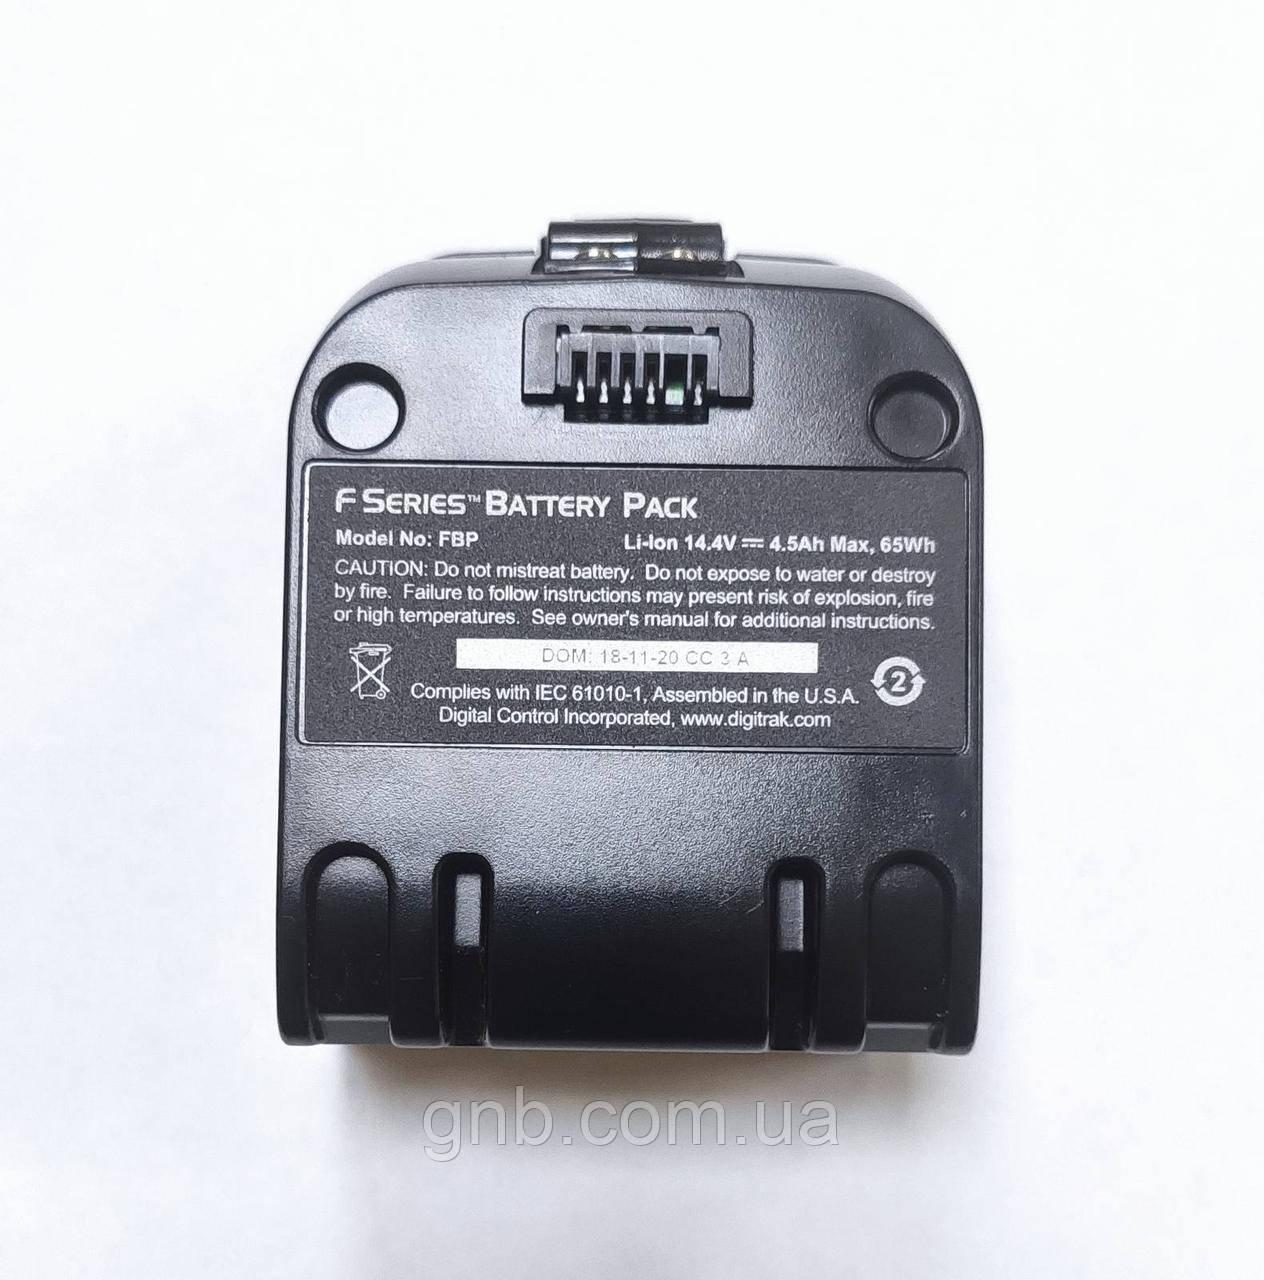 Літій-іонний акумулятор для систем локації F-Series